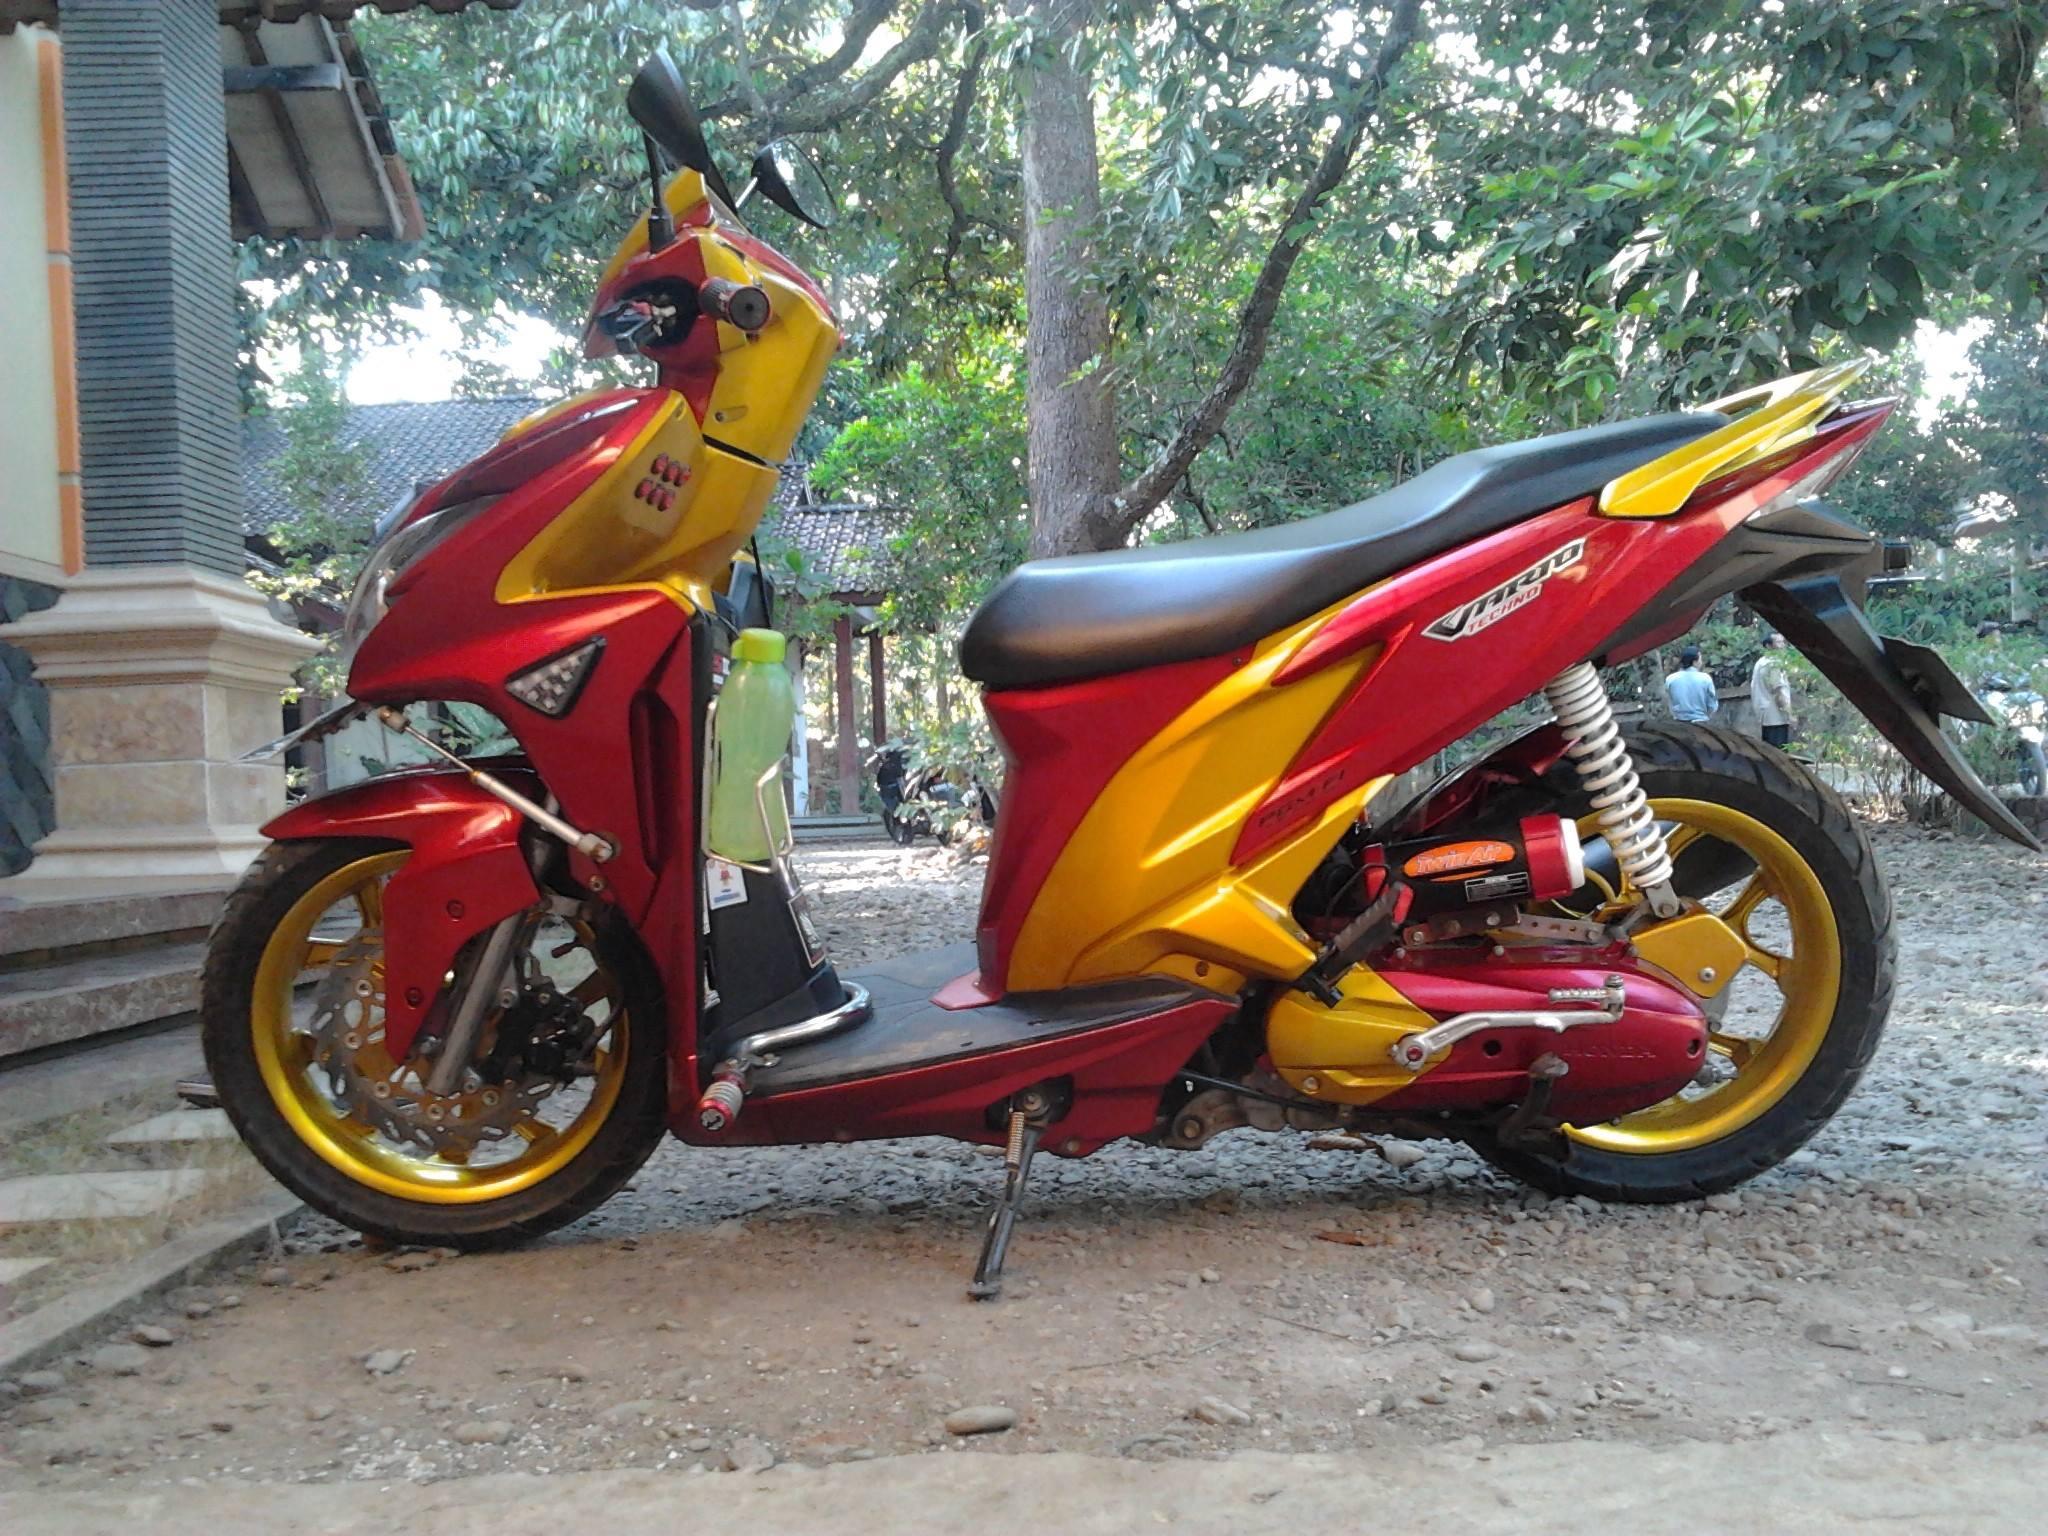 88 Modifikasi Motor Vario 125 Warna Merah Terbaru Dan Terlengkap